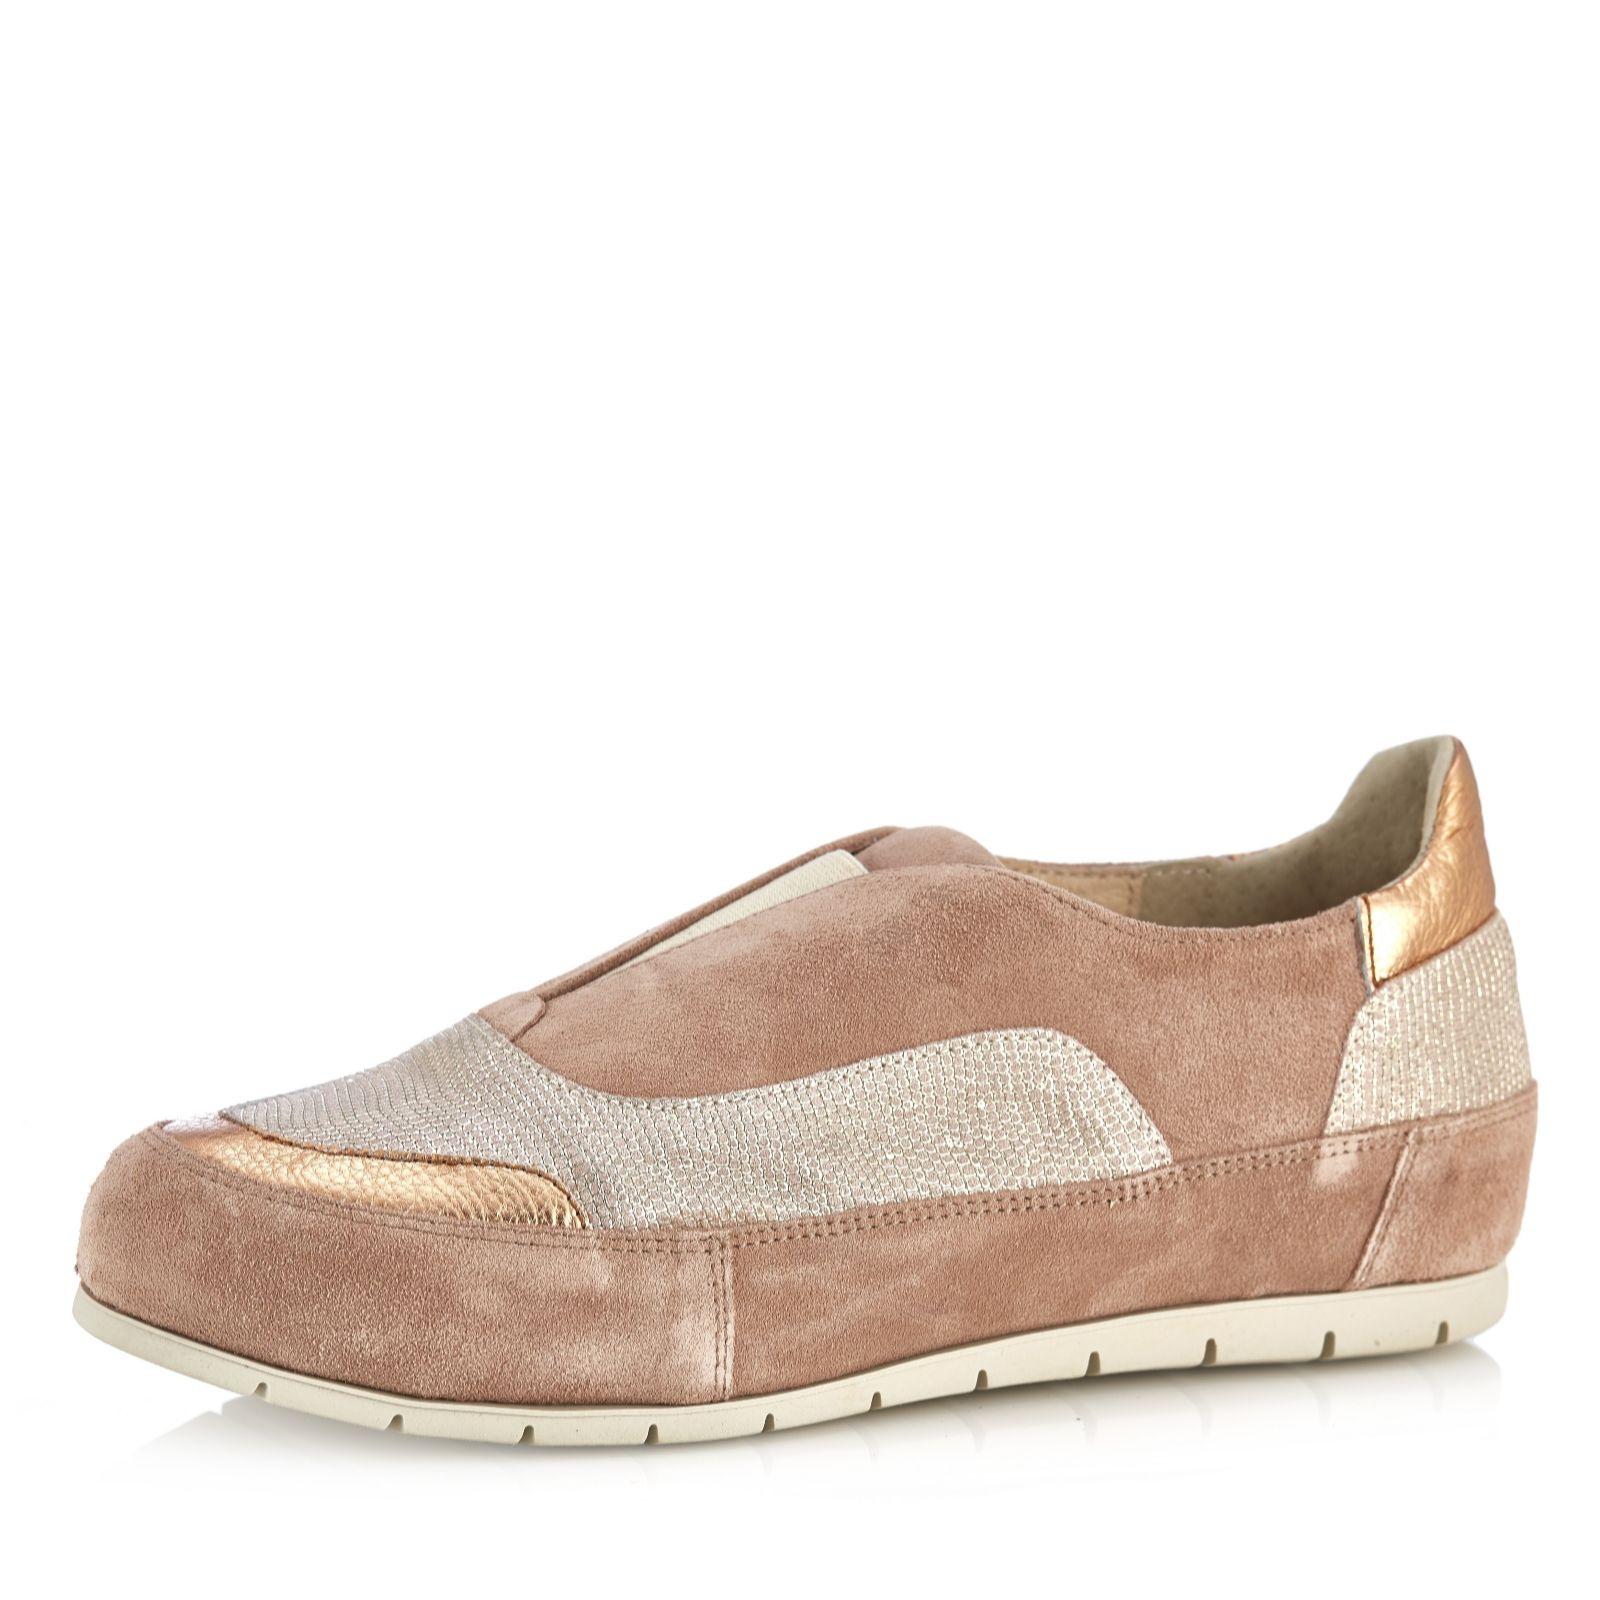 FOOTWEAR - High-tops & sneakers Manas YU4FQ3Af